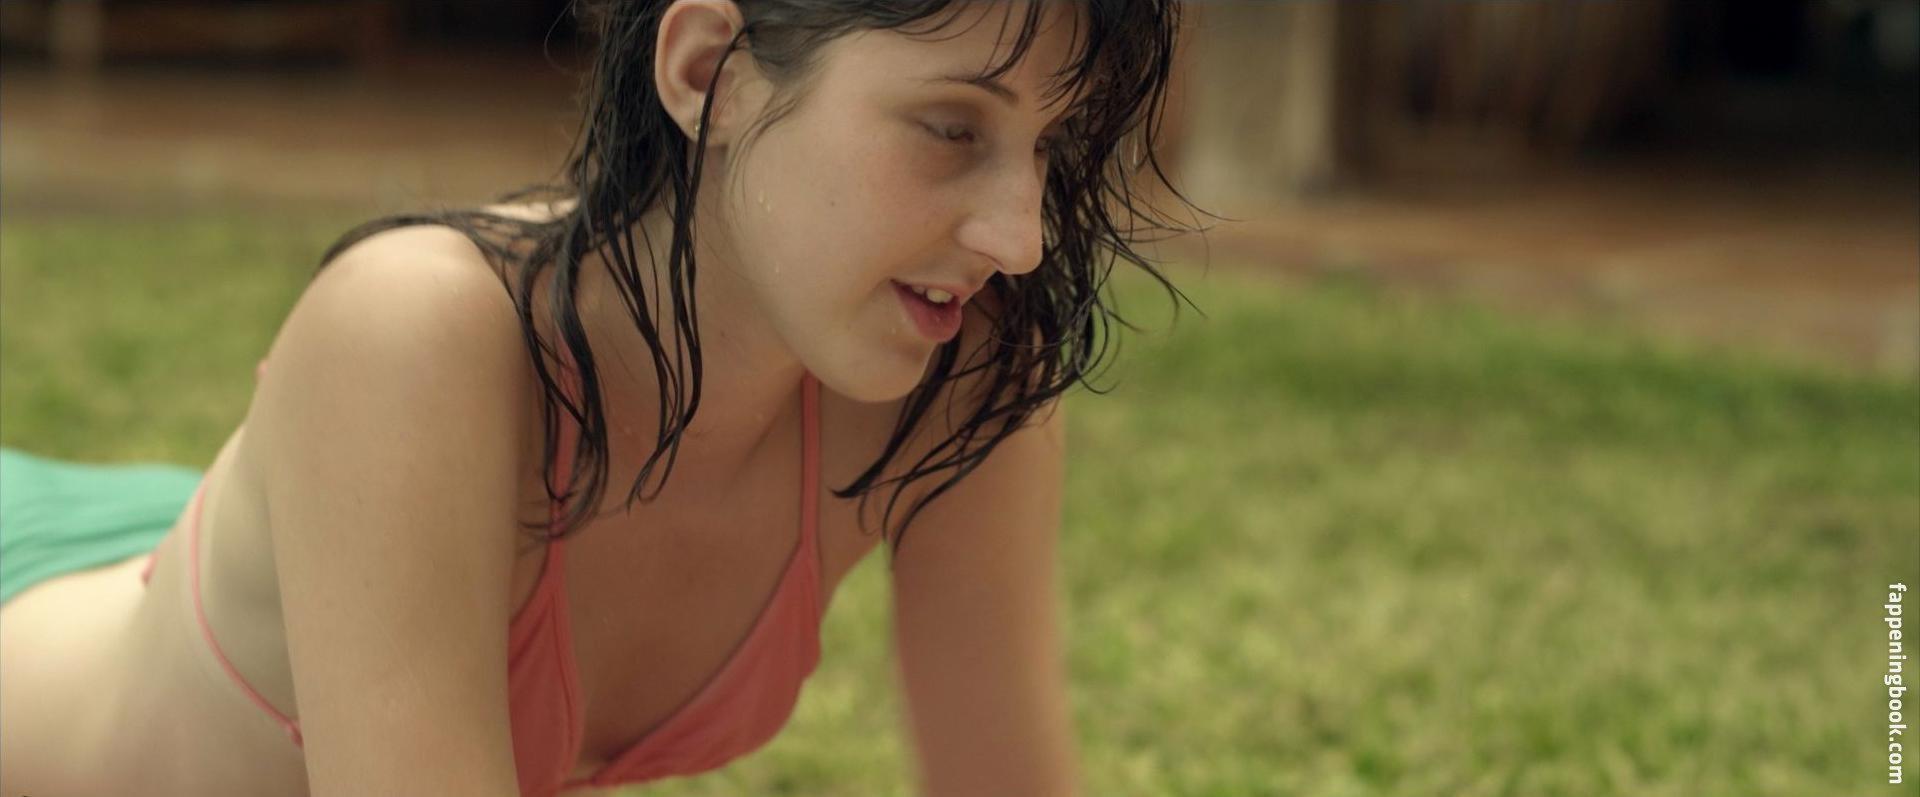 Tess Amorim Nude